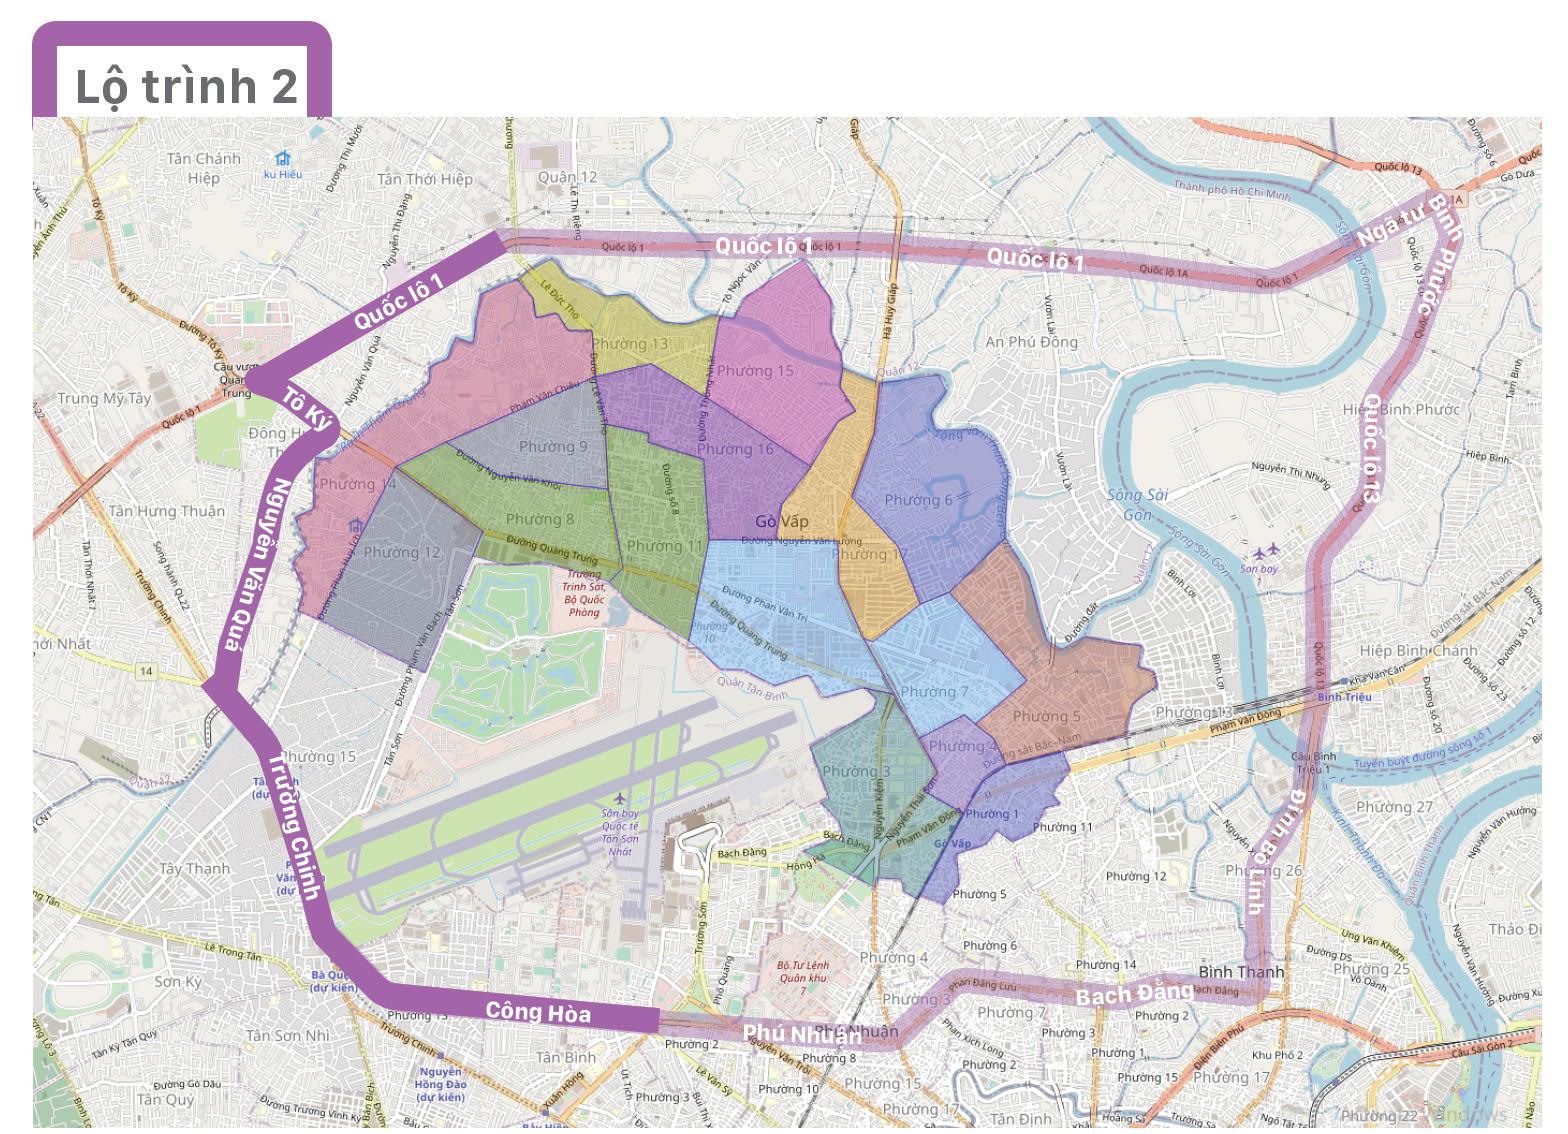 Một số lộ trình lưu thông không qua địa bàn quận Gò Vấp ảnh 7